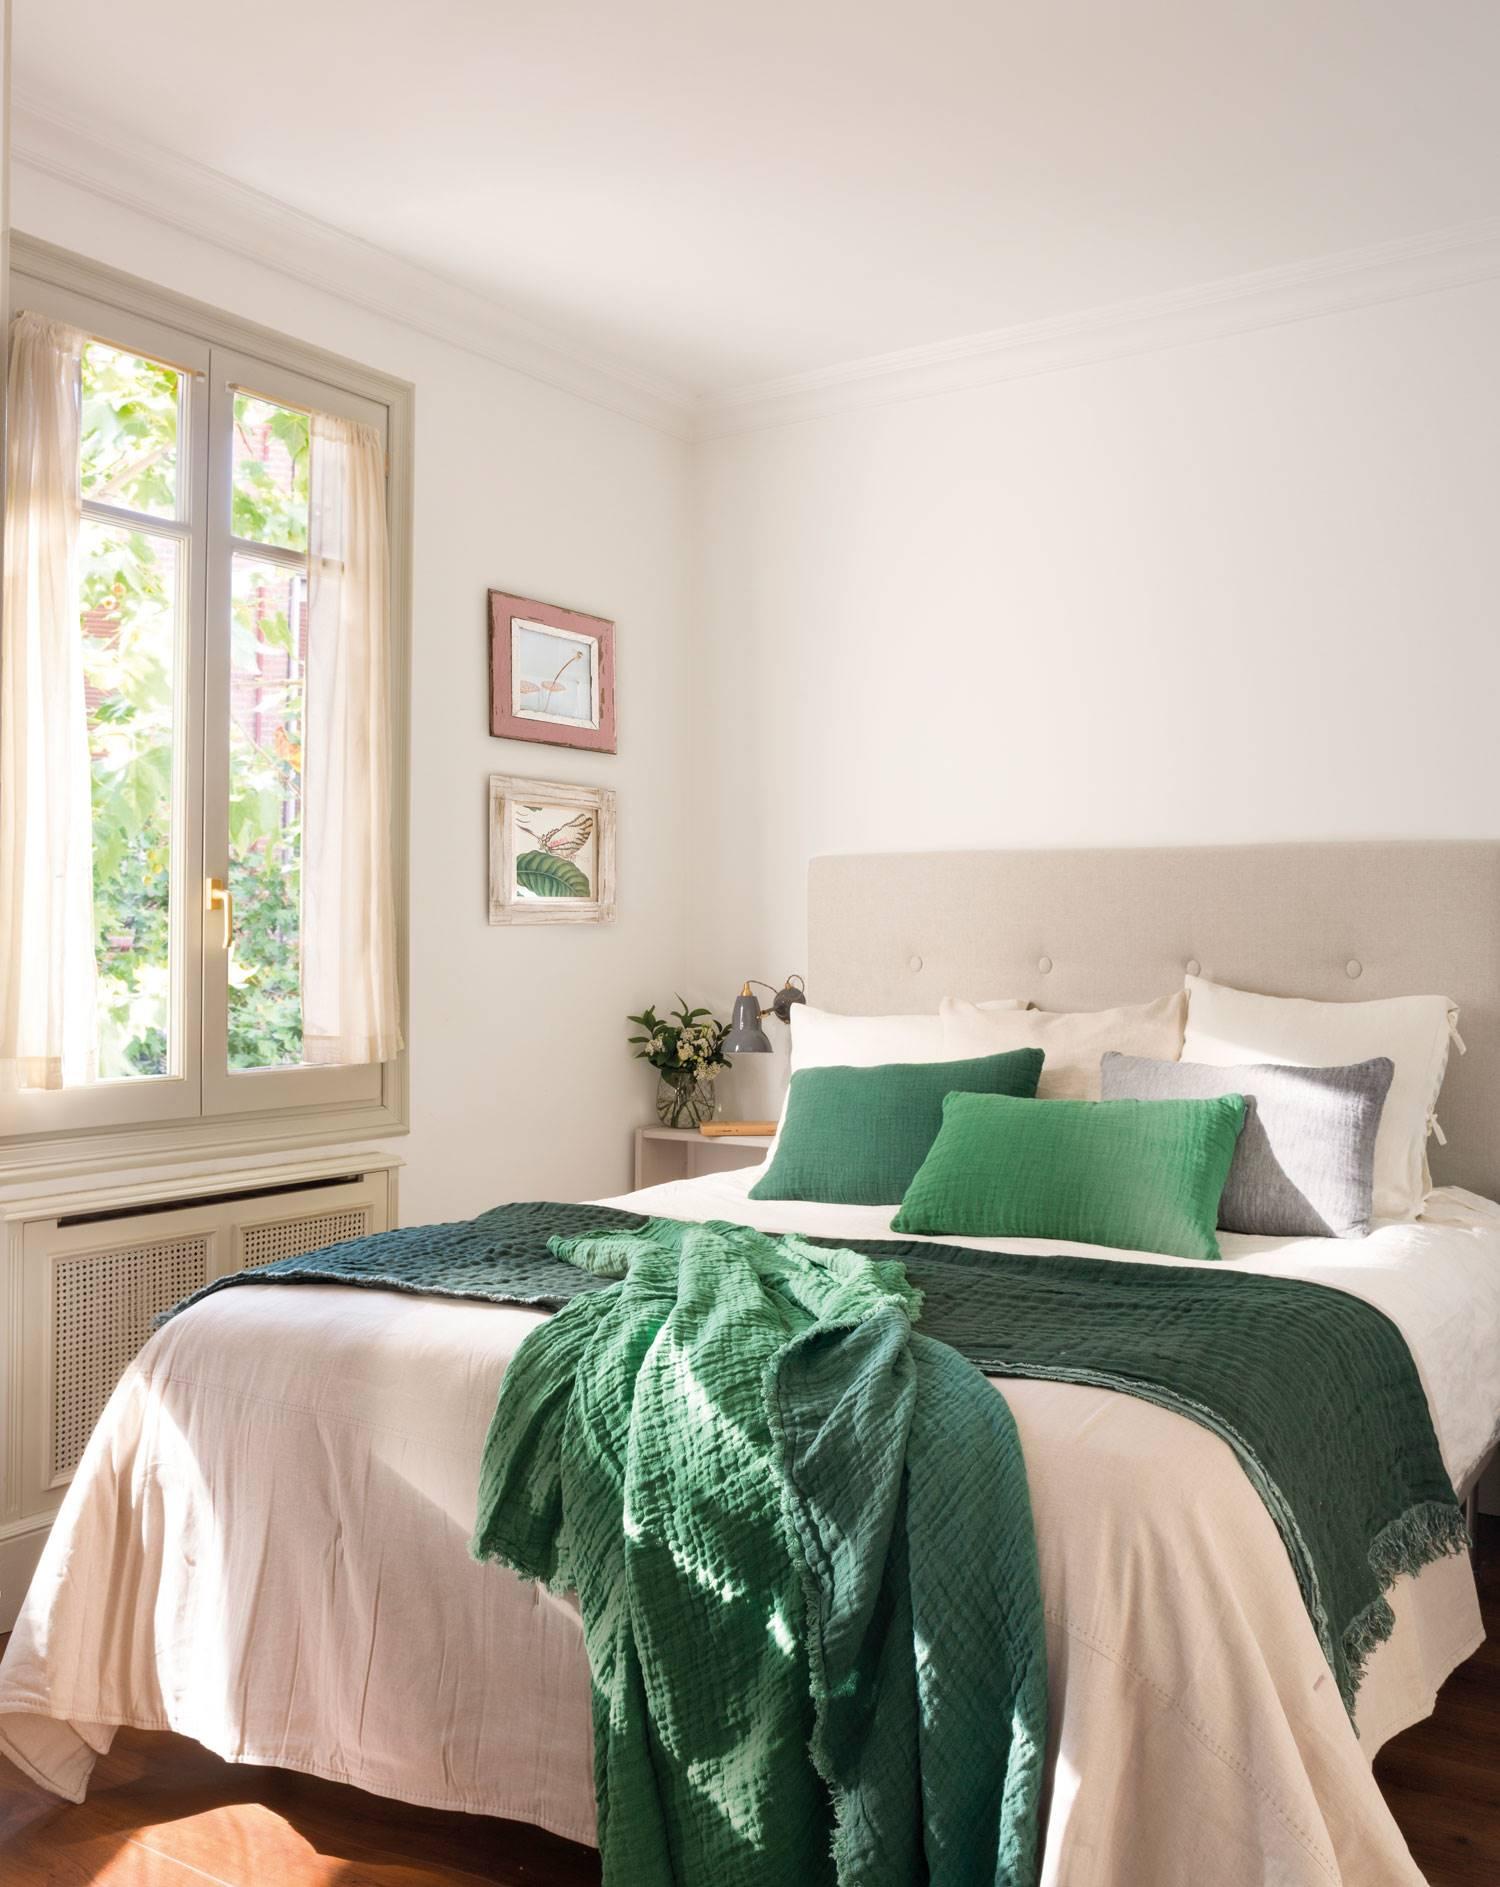 habitaciones de ikea y precios de matrmonio